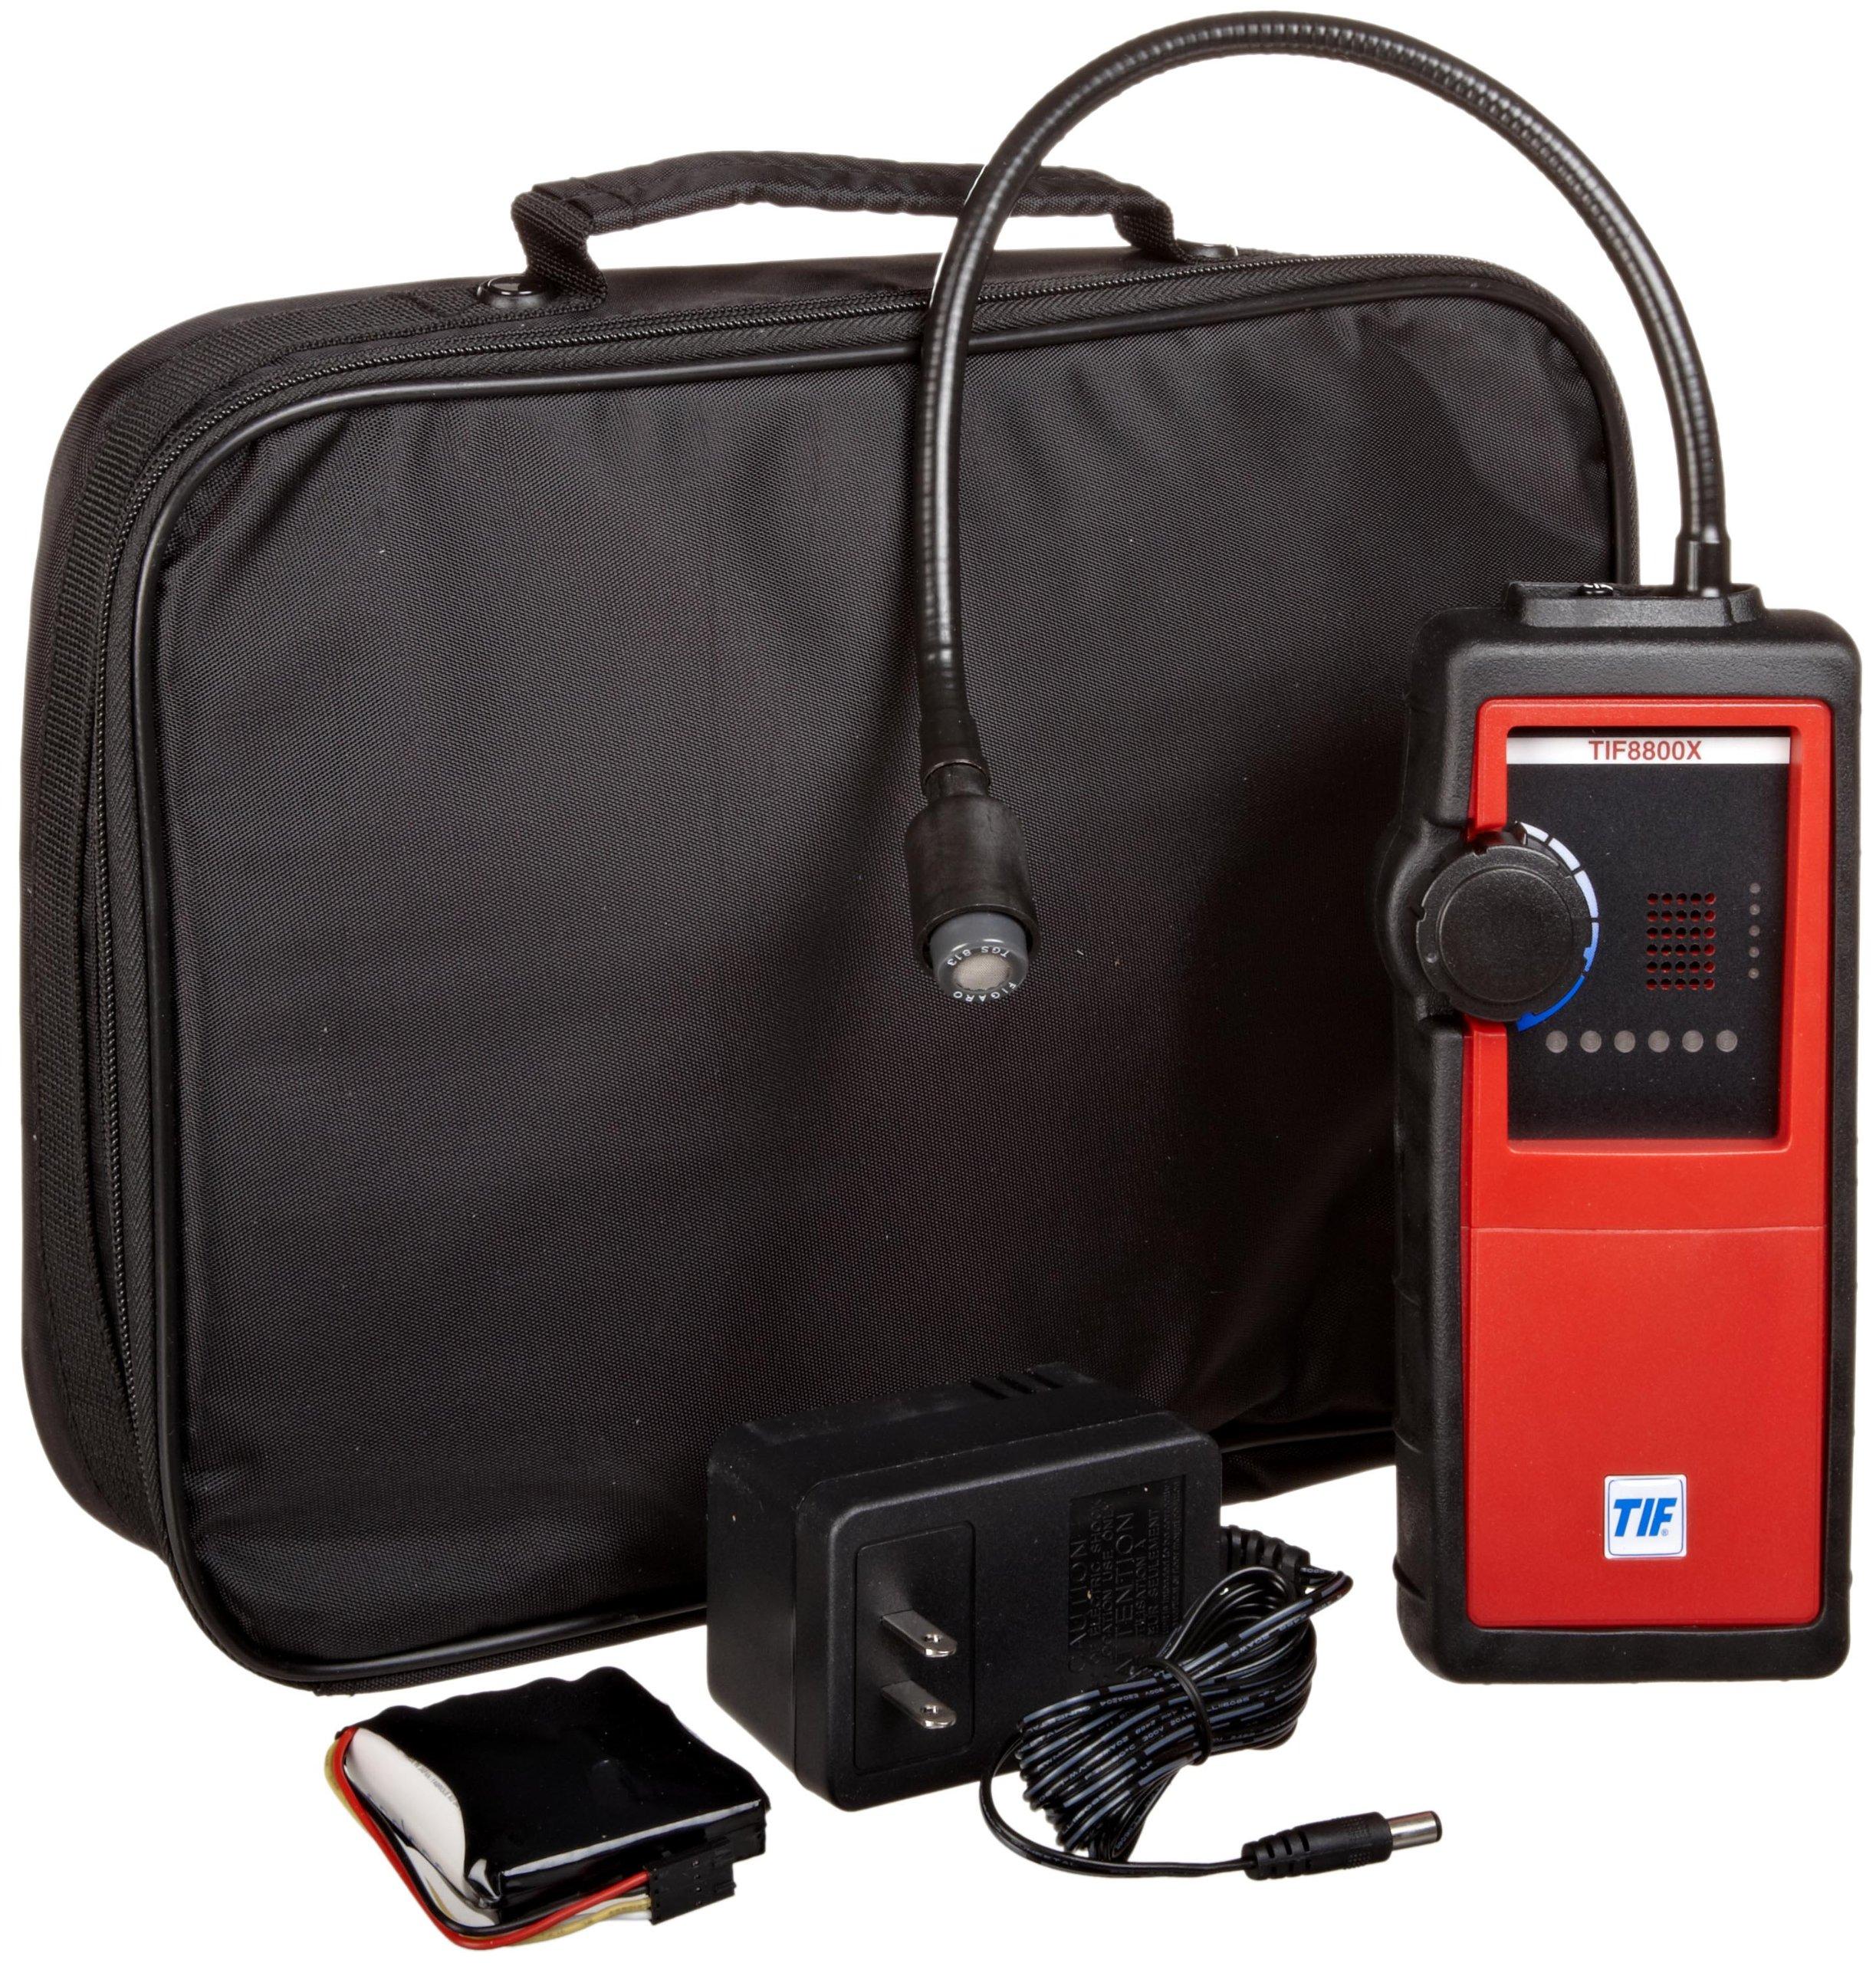 Robinair TIF8800X Combustible Gas Detector by Robinair (Image #2)